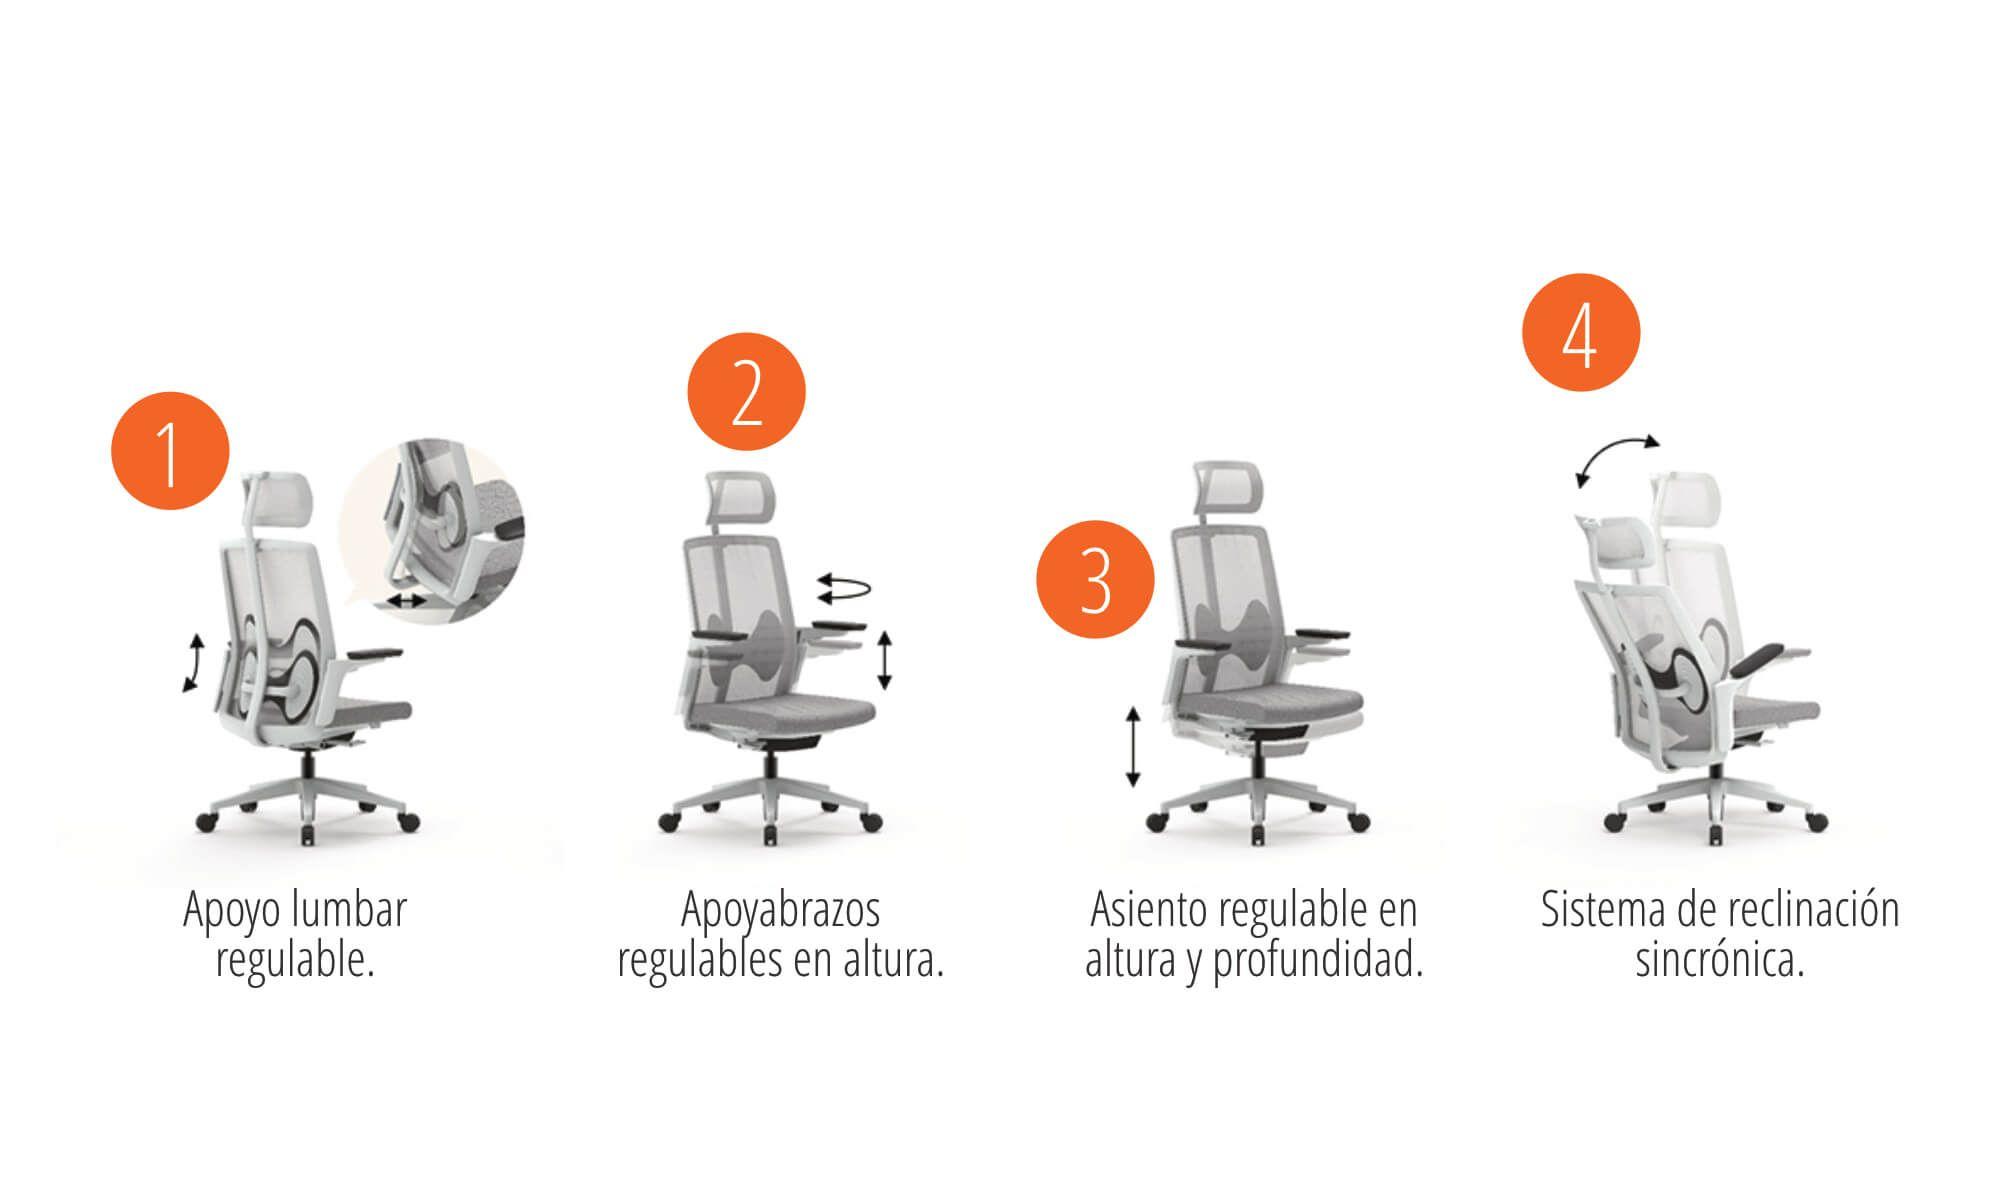 elementos de una silla ergonomica